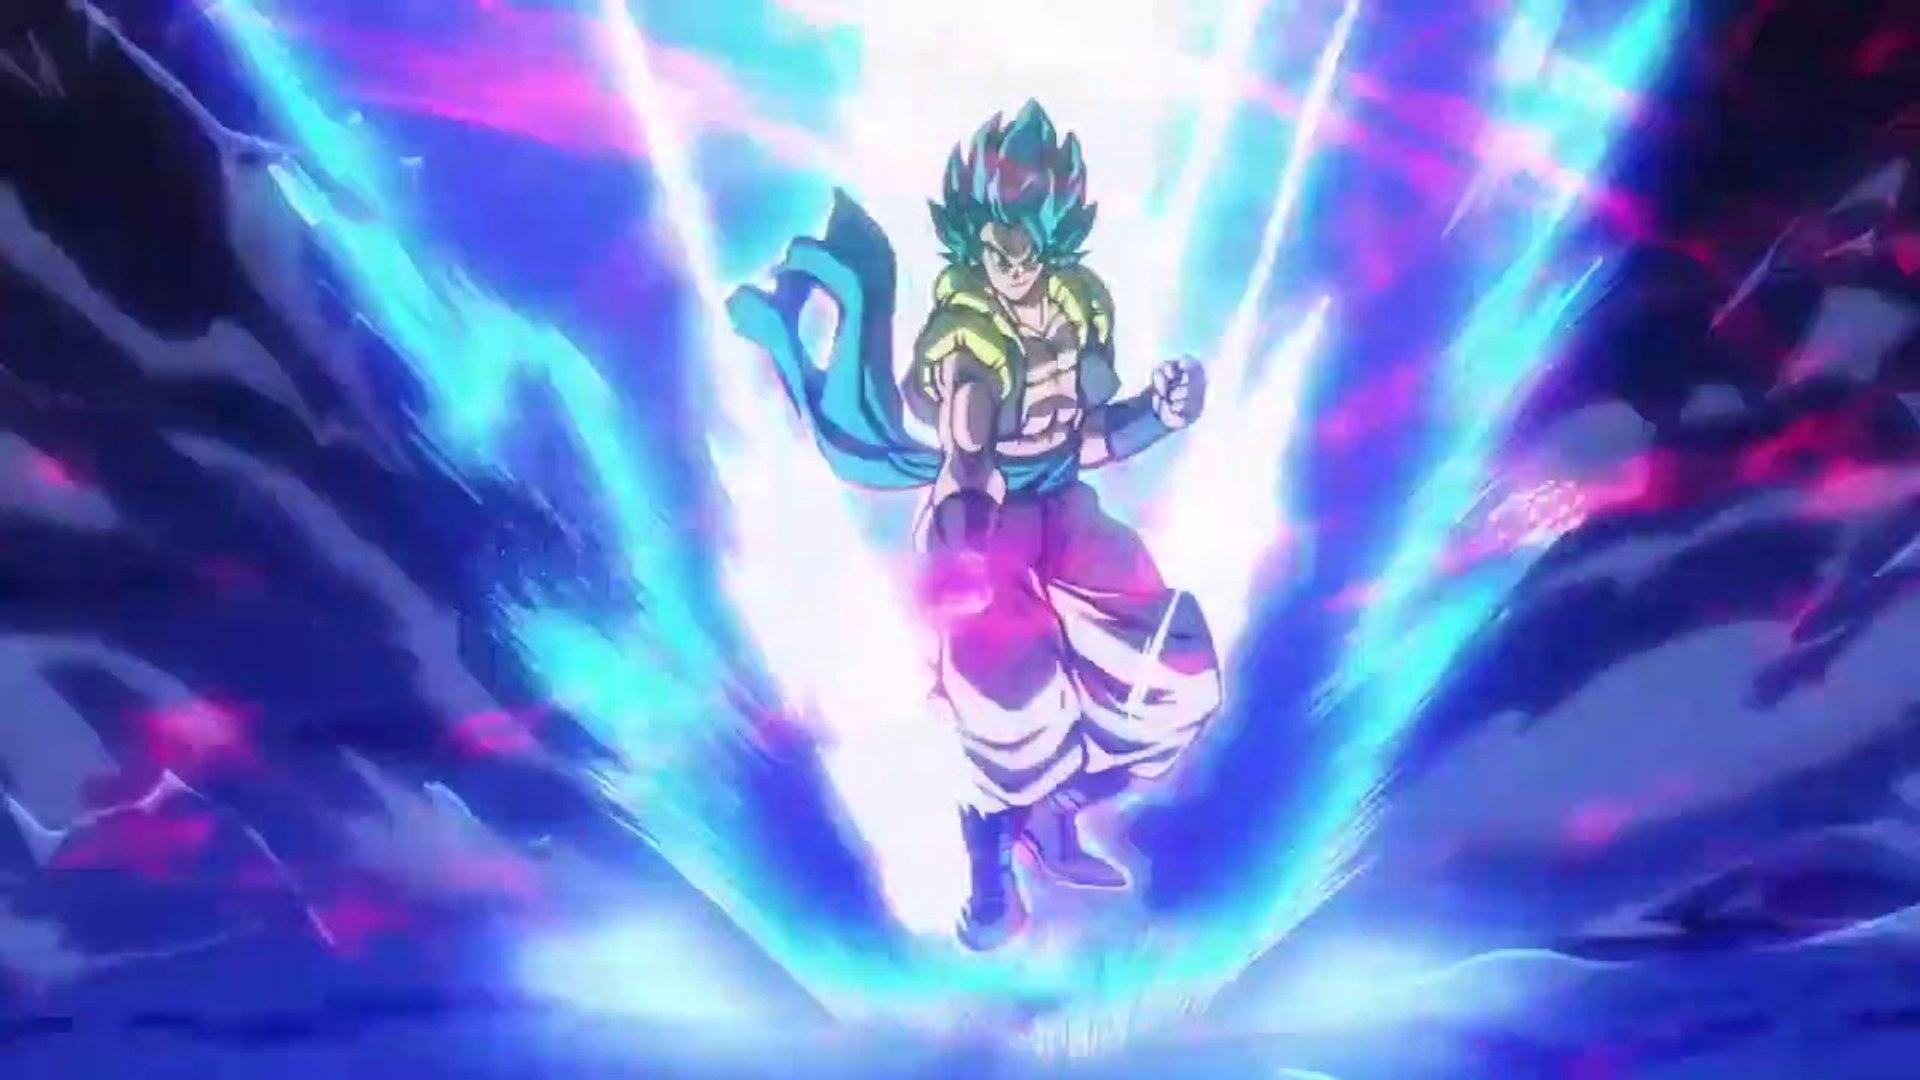 Dragon Ball Super Gogeta Blue Wallpaper